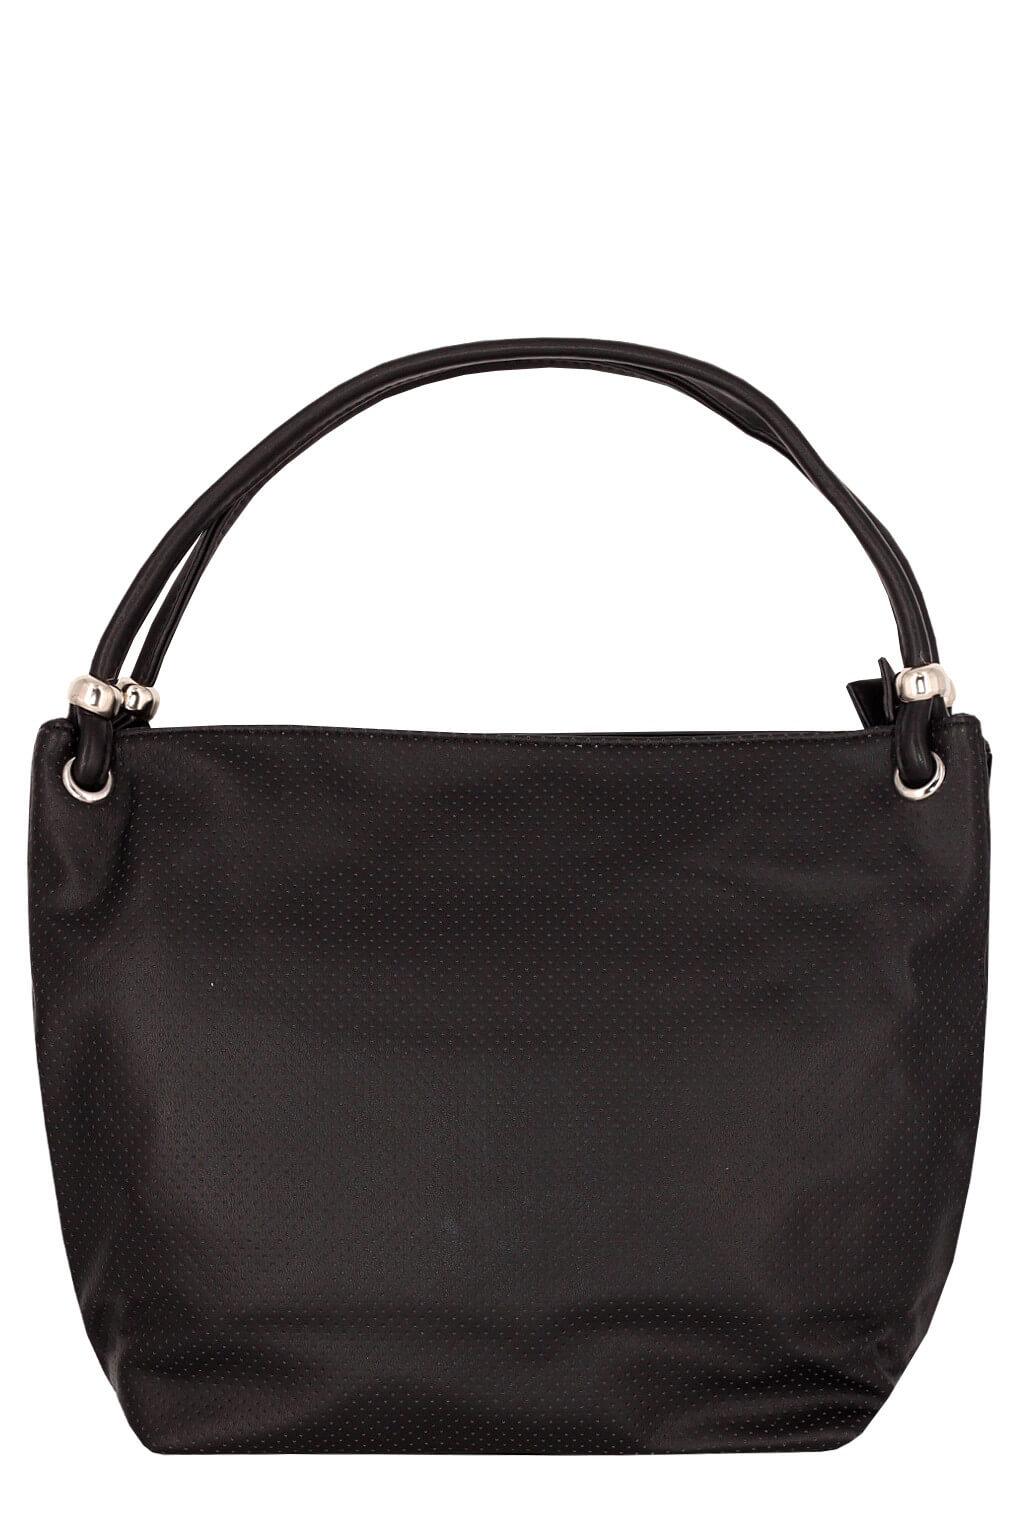 Adana City dámská kabelka černá